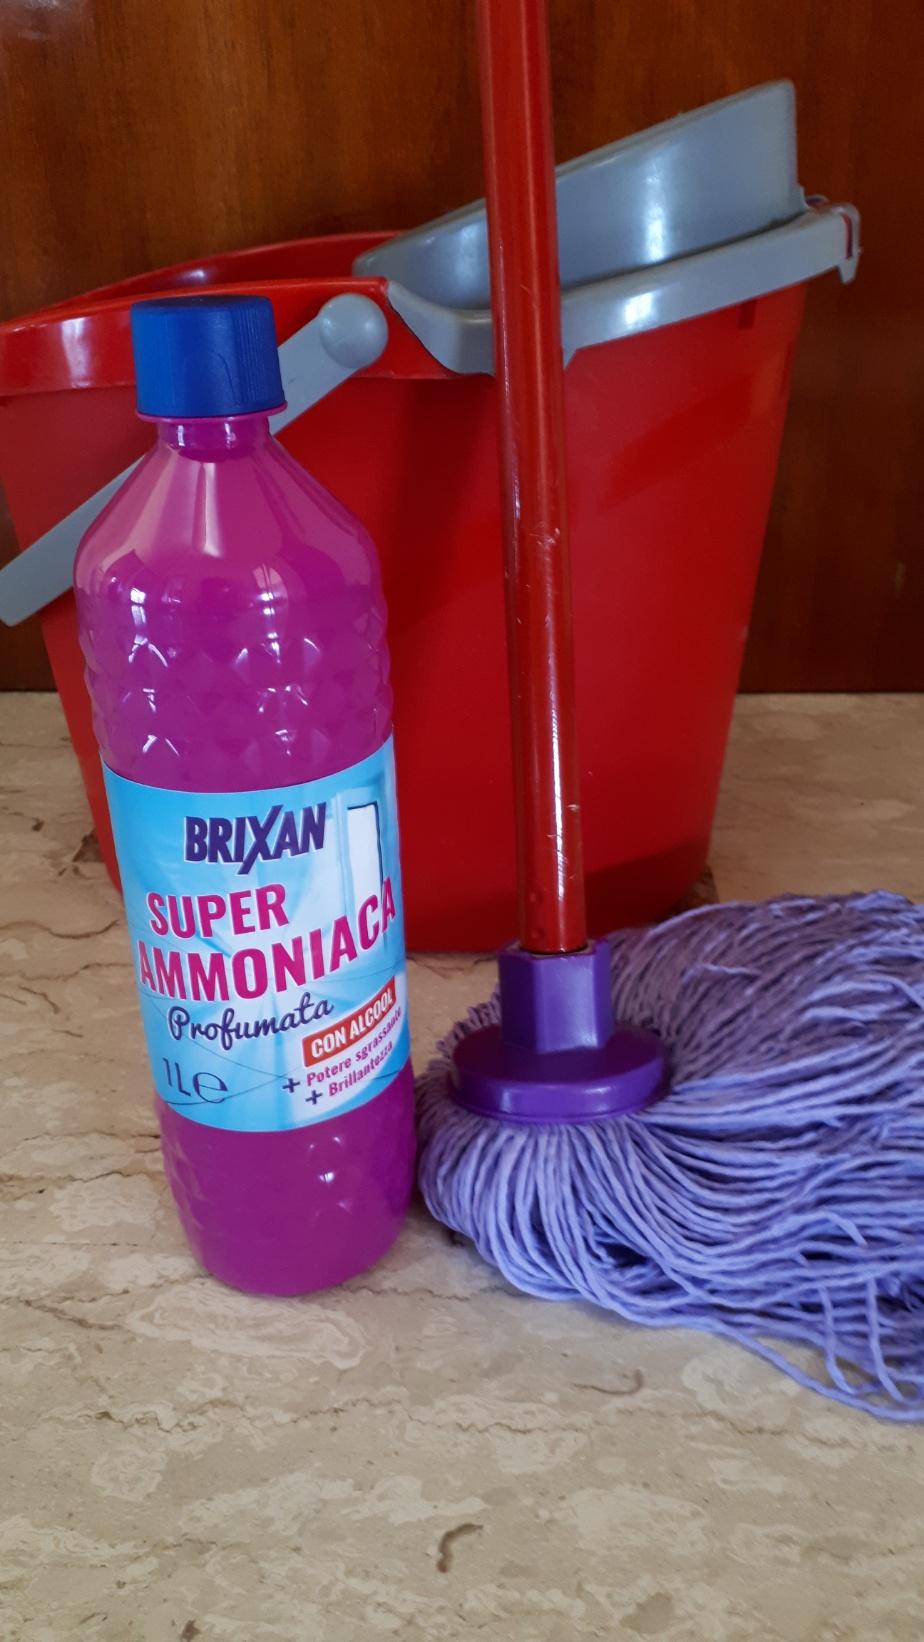 Ammoniaca Per Pulire Pavimenti.Come Pulire La Casa Con L Ammoniaca E Quale Scegliere